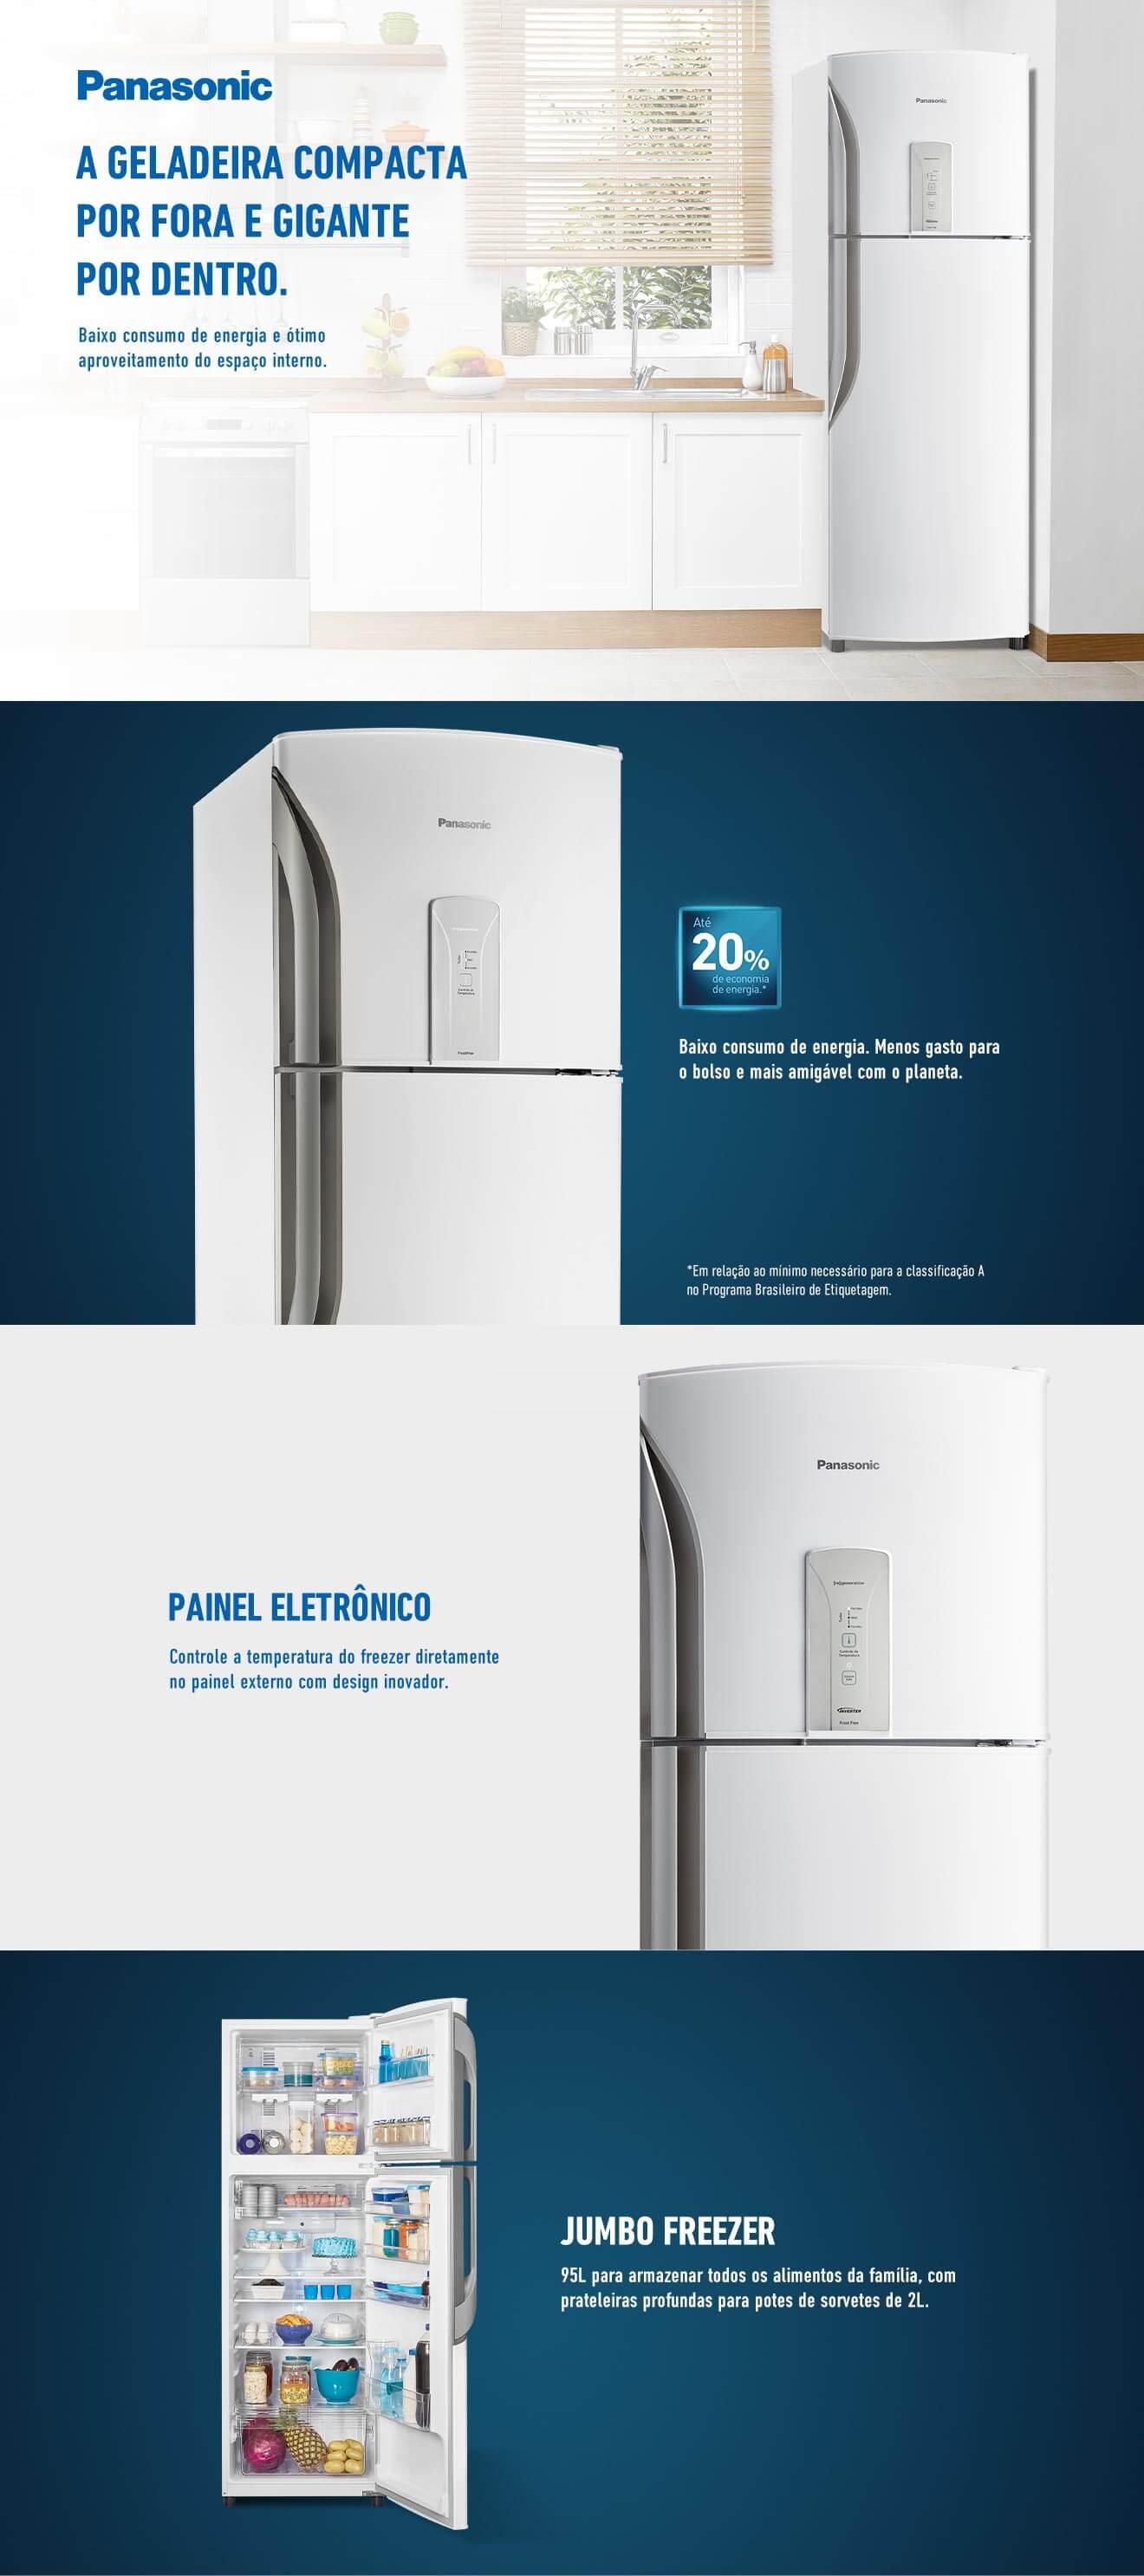 Refrigerador Panasonic BT40 387 Litros Branca NR-BT40BD1WB 220V